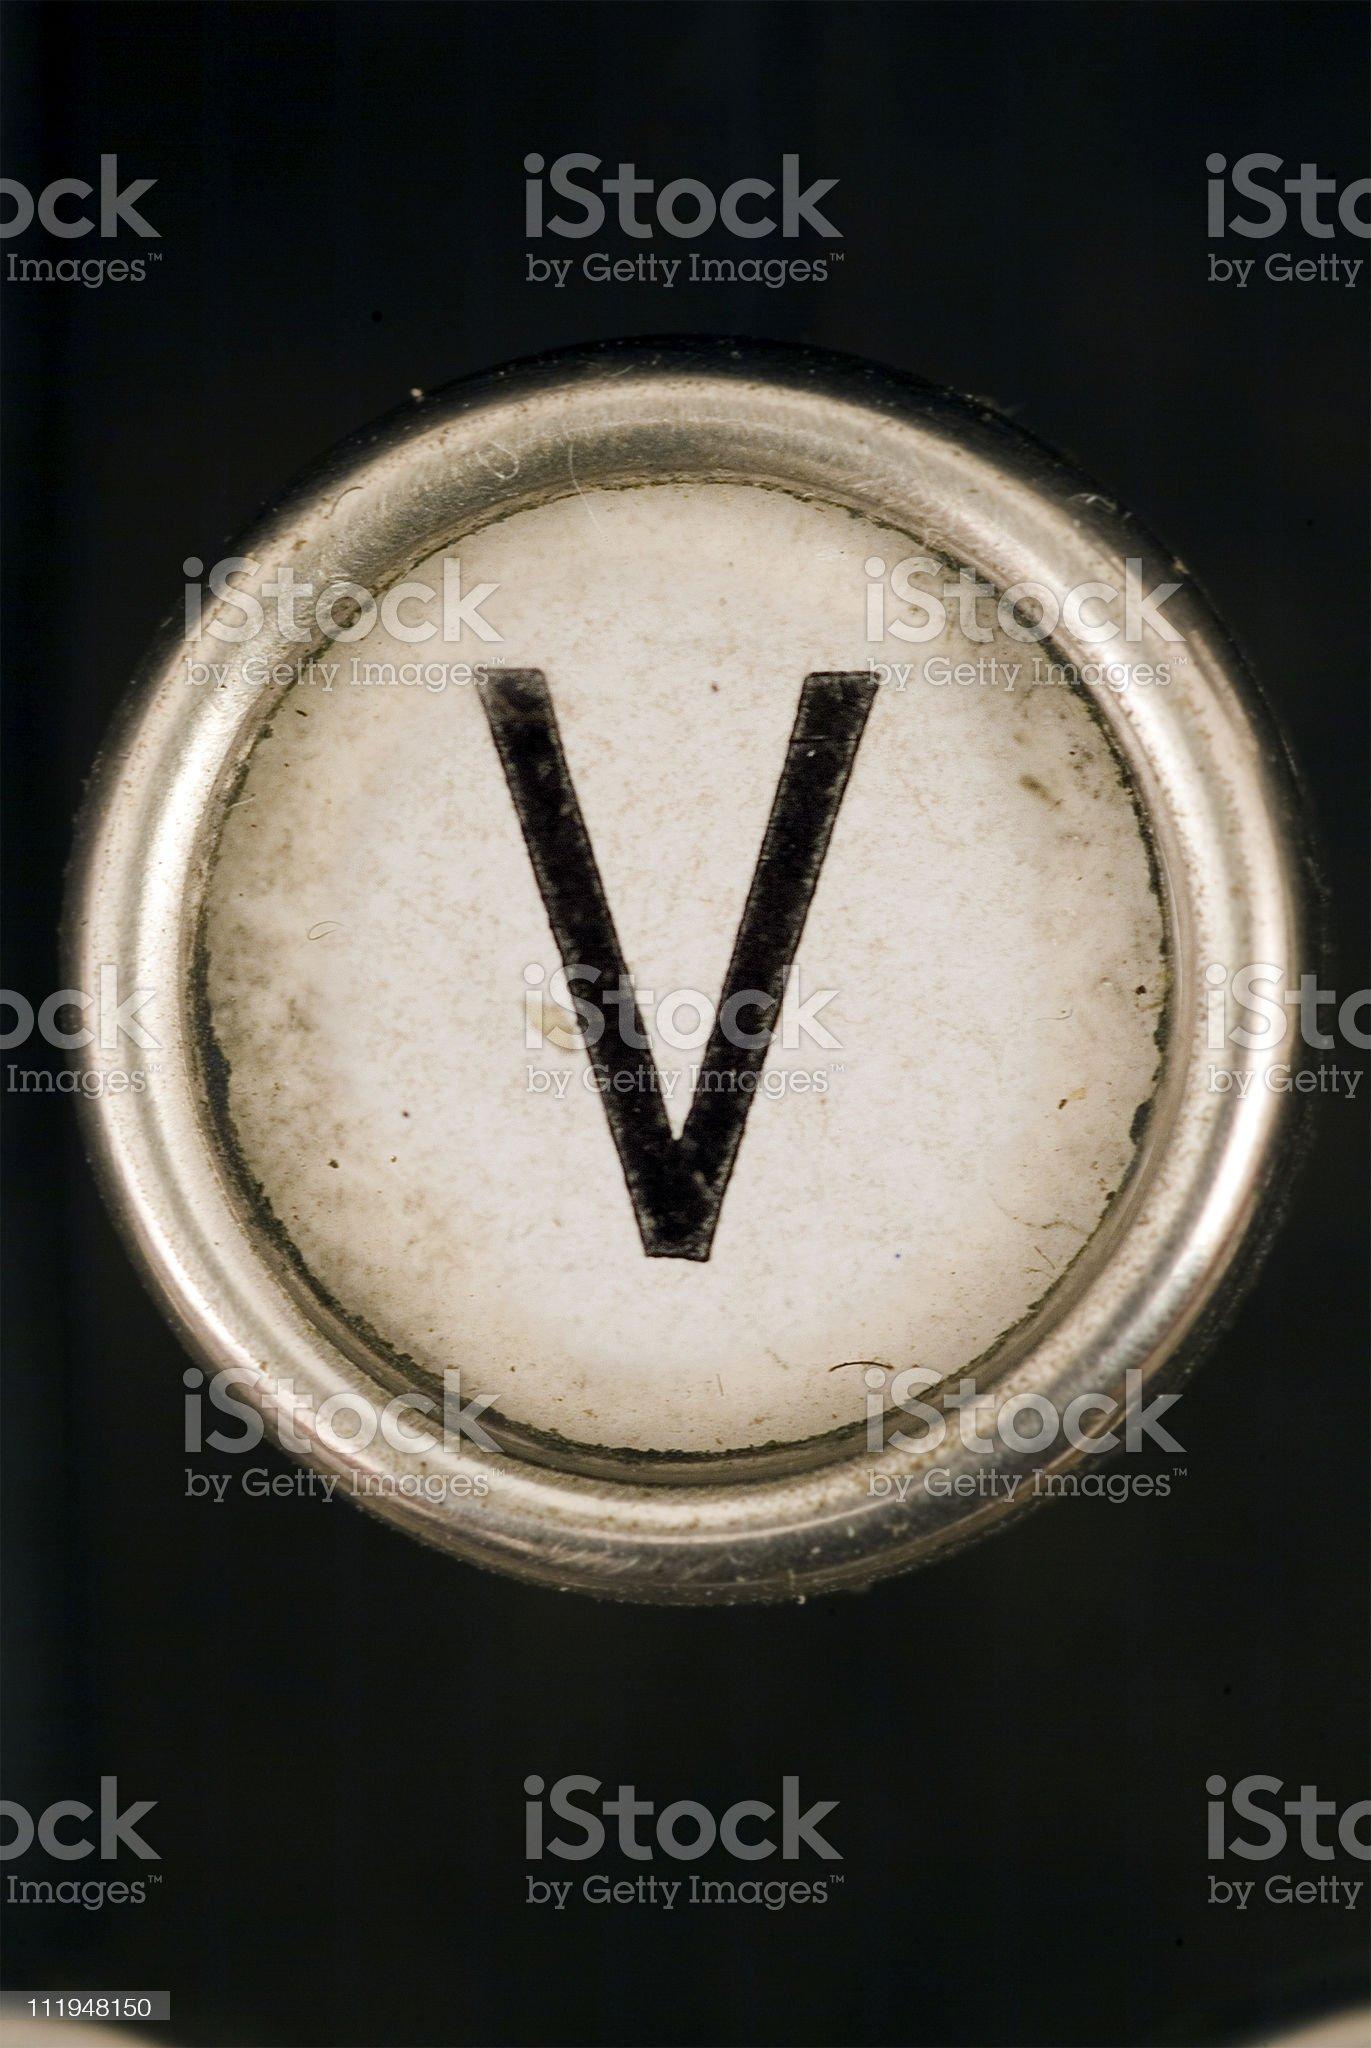 V key of a full alphabet from grungey typewriter royalty-free stock photo